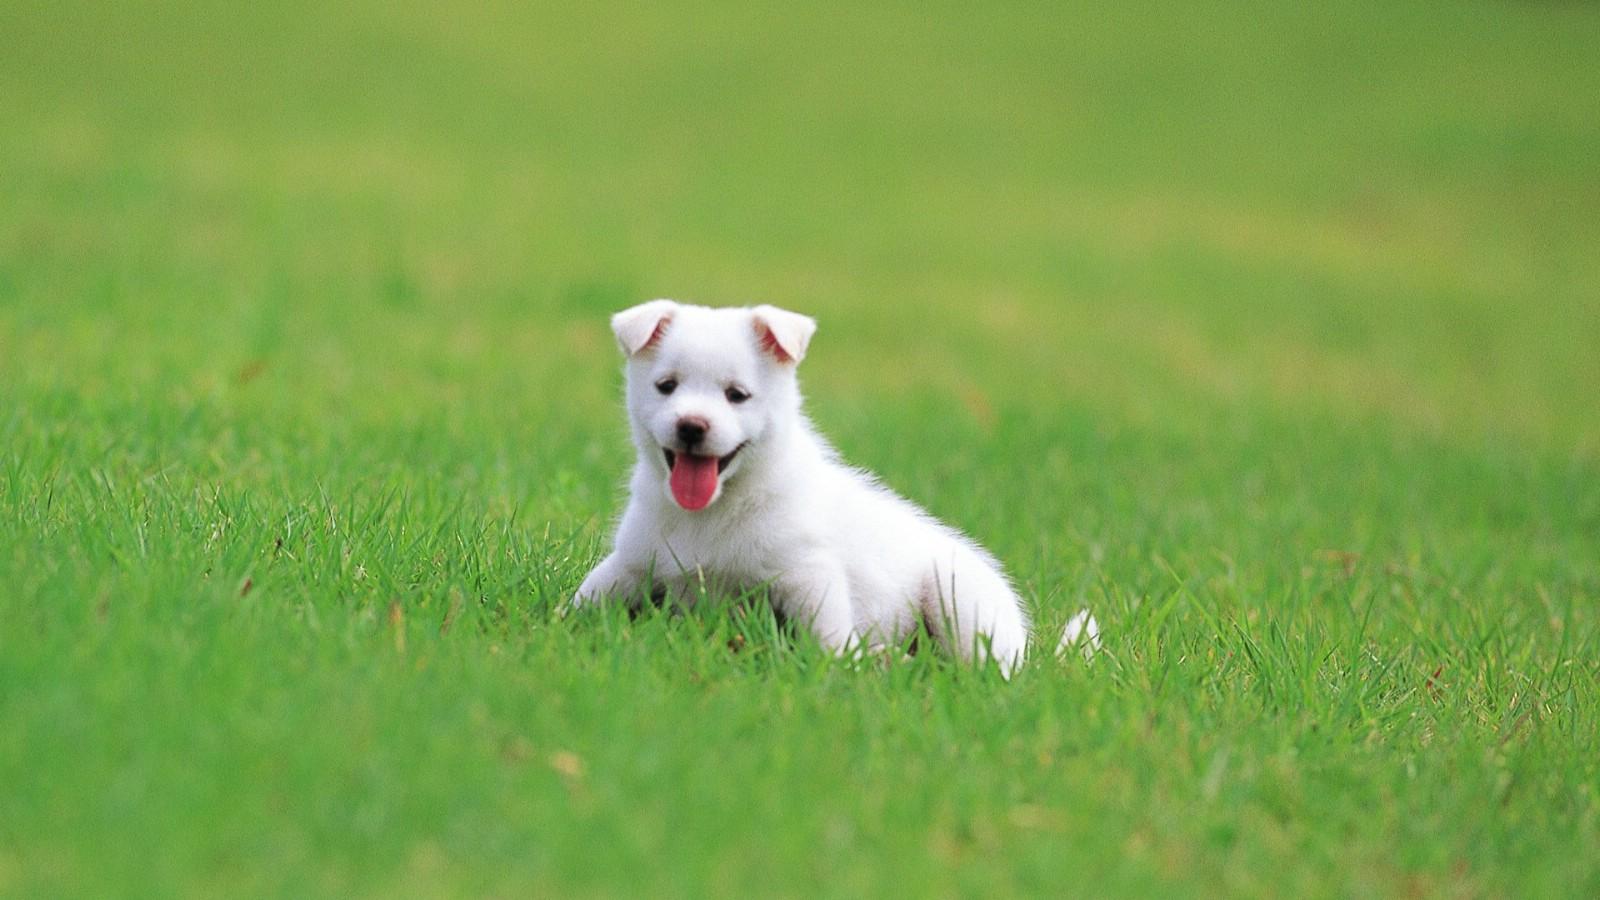 照片_卖萌可爱小狗头像_可爱小狗卖萌壁纸 - 新闻网